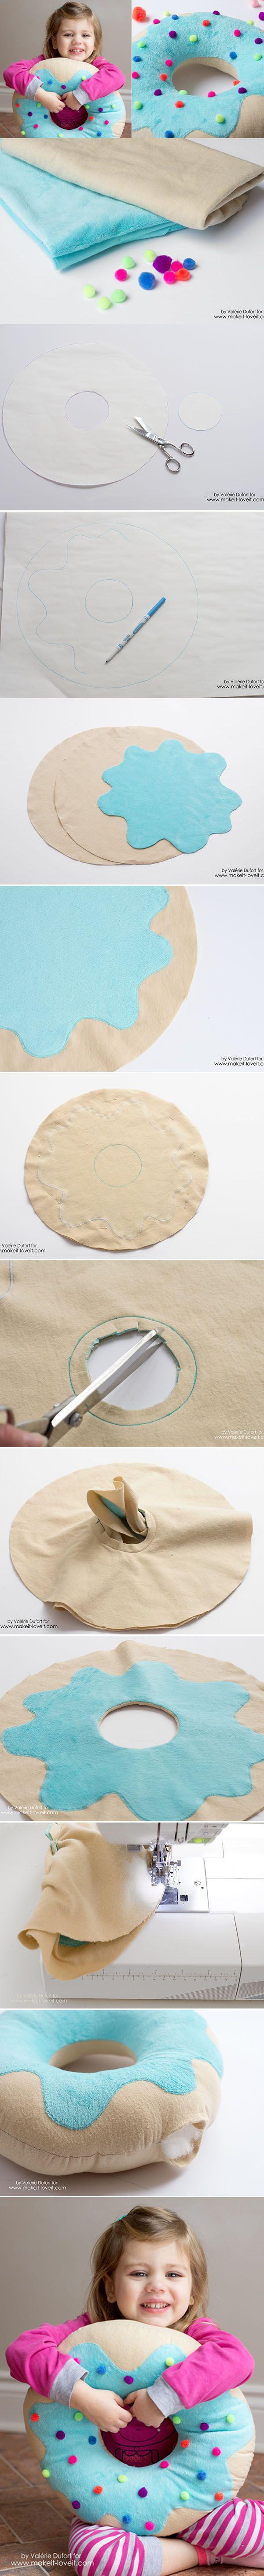 Descubra Como Fazer uma Almofada de Donut em Casa